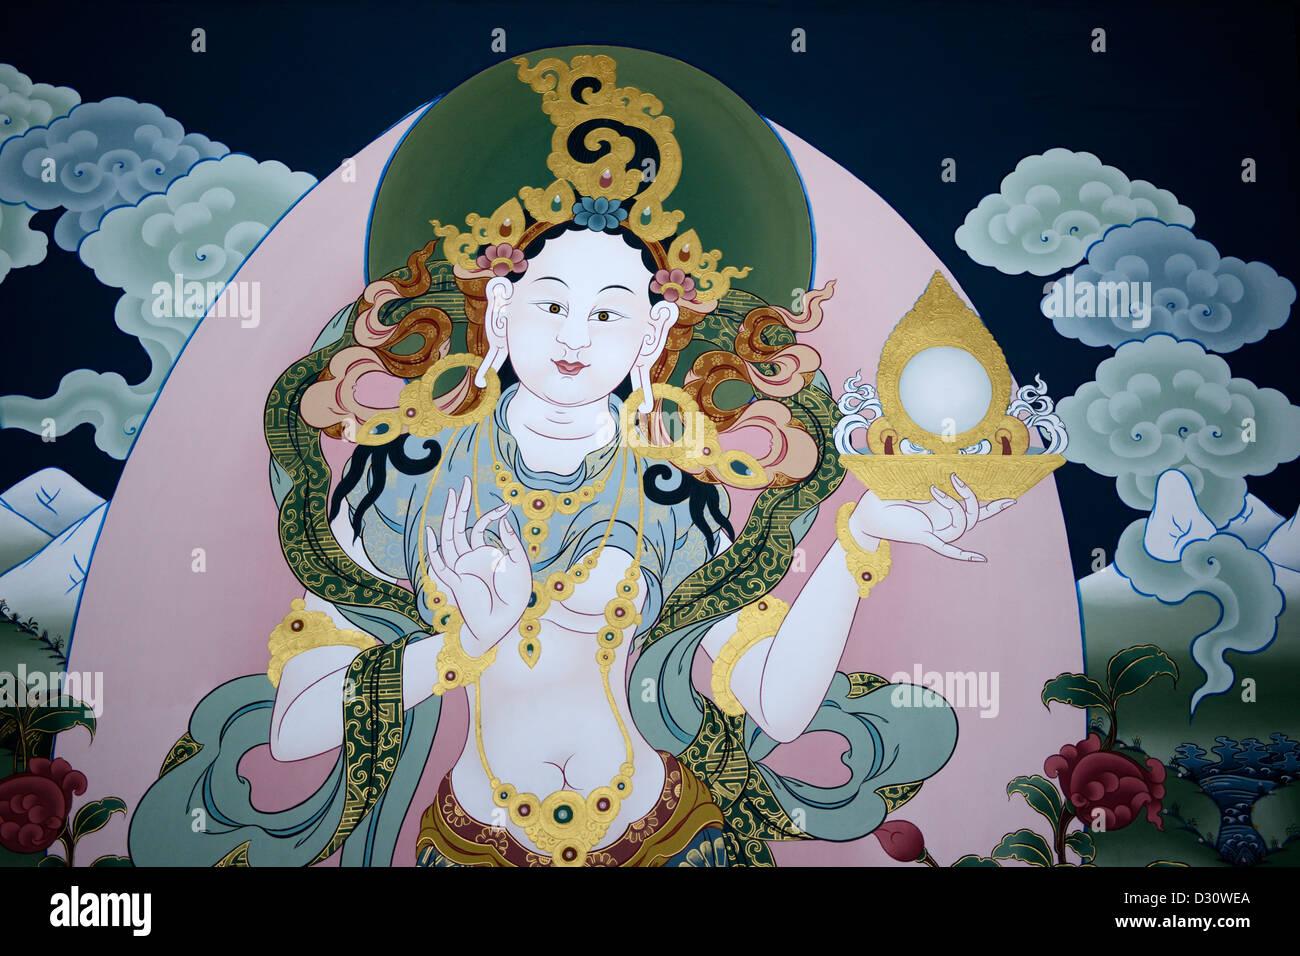 Peintures dans la cour à tashi chodzong dzong, forteresse de la glorieuse religion,Bhoutan,36MPX Photo Stock